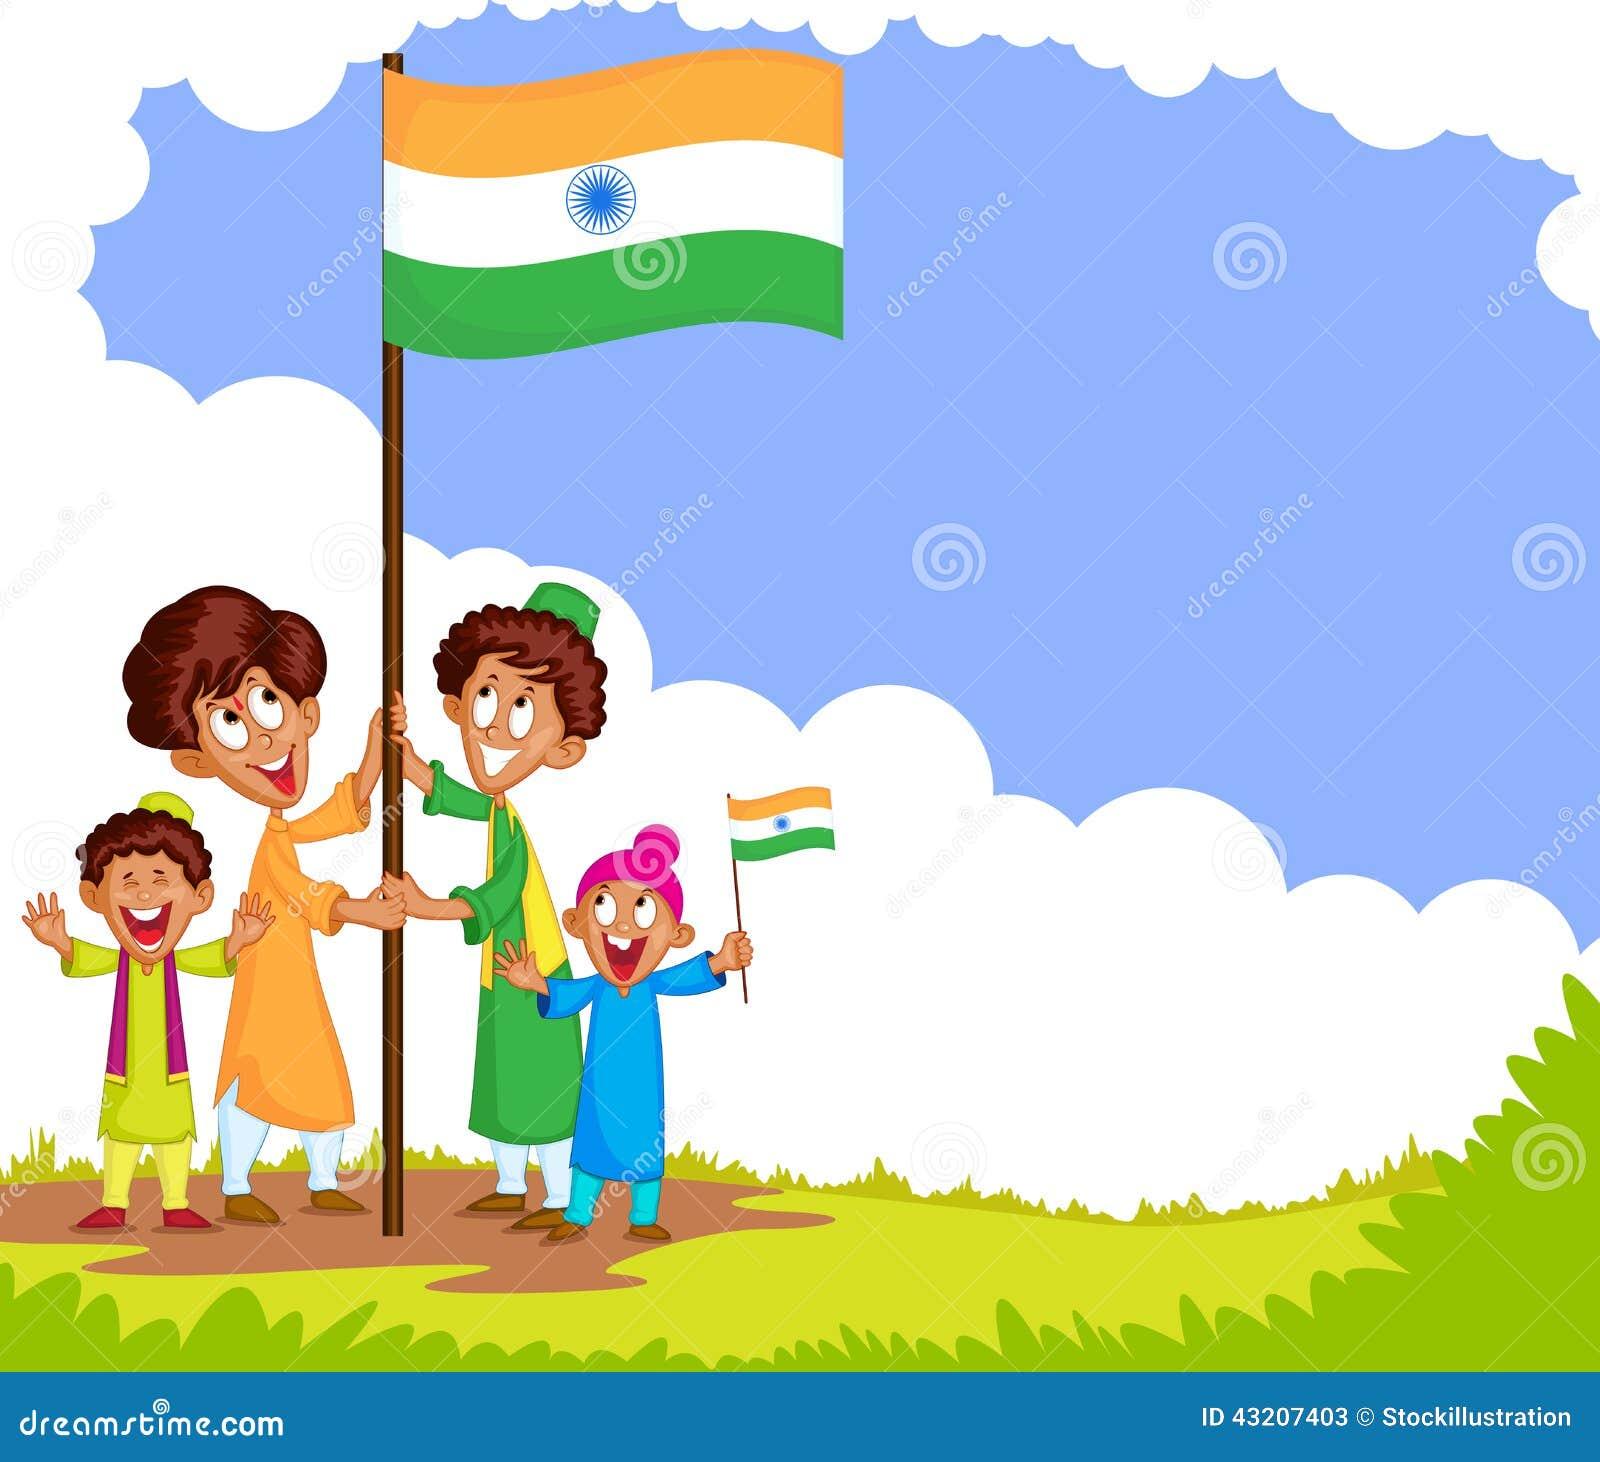 Download Indisk Unge Som Hissar Flaggan Av Indien Vektor Illustrationer - Illustration av muslim, indier: 43207403